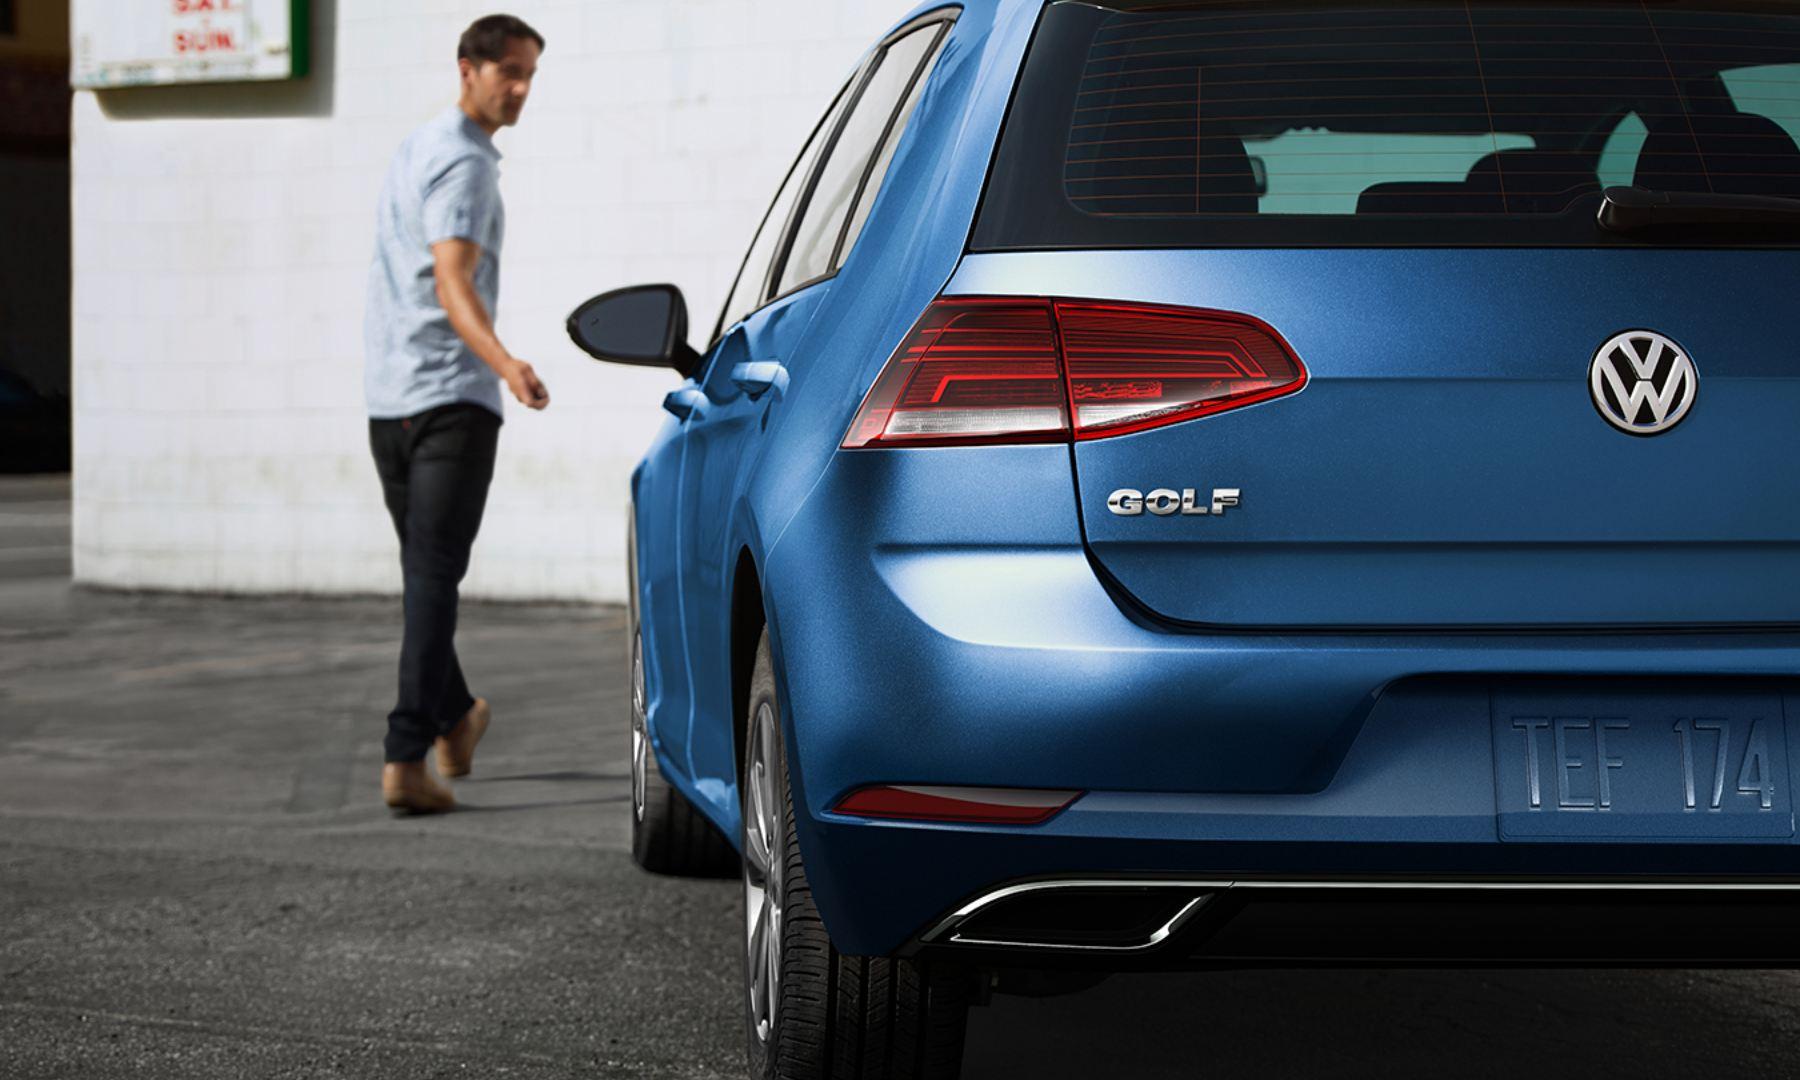 2022 Volkswagen Golf hatchback